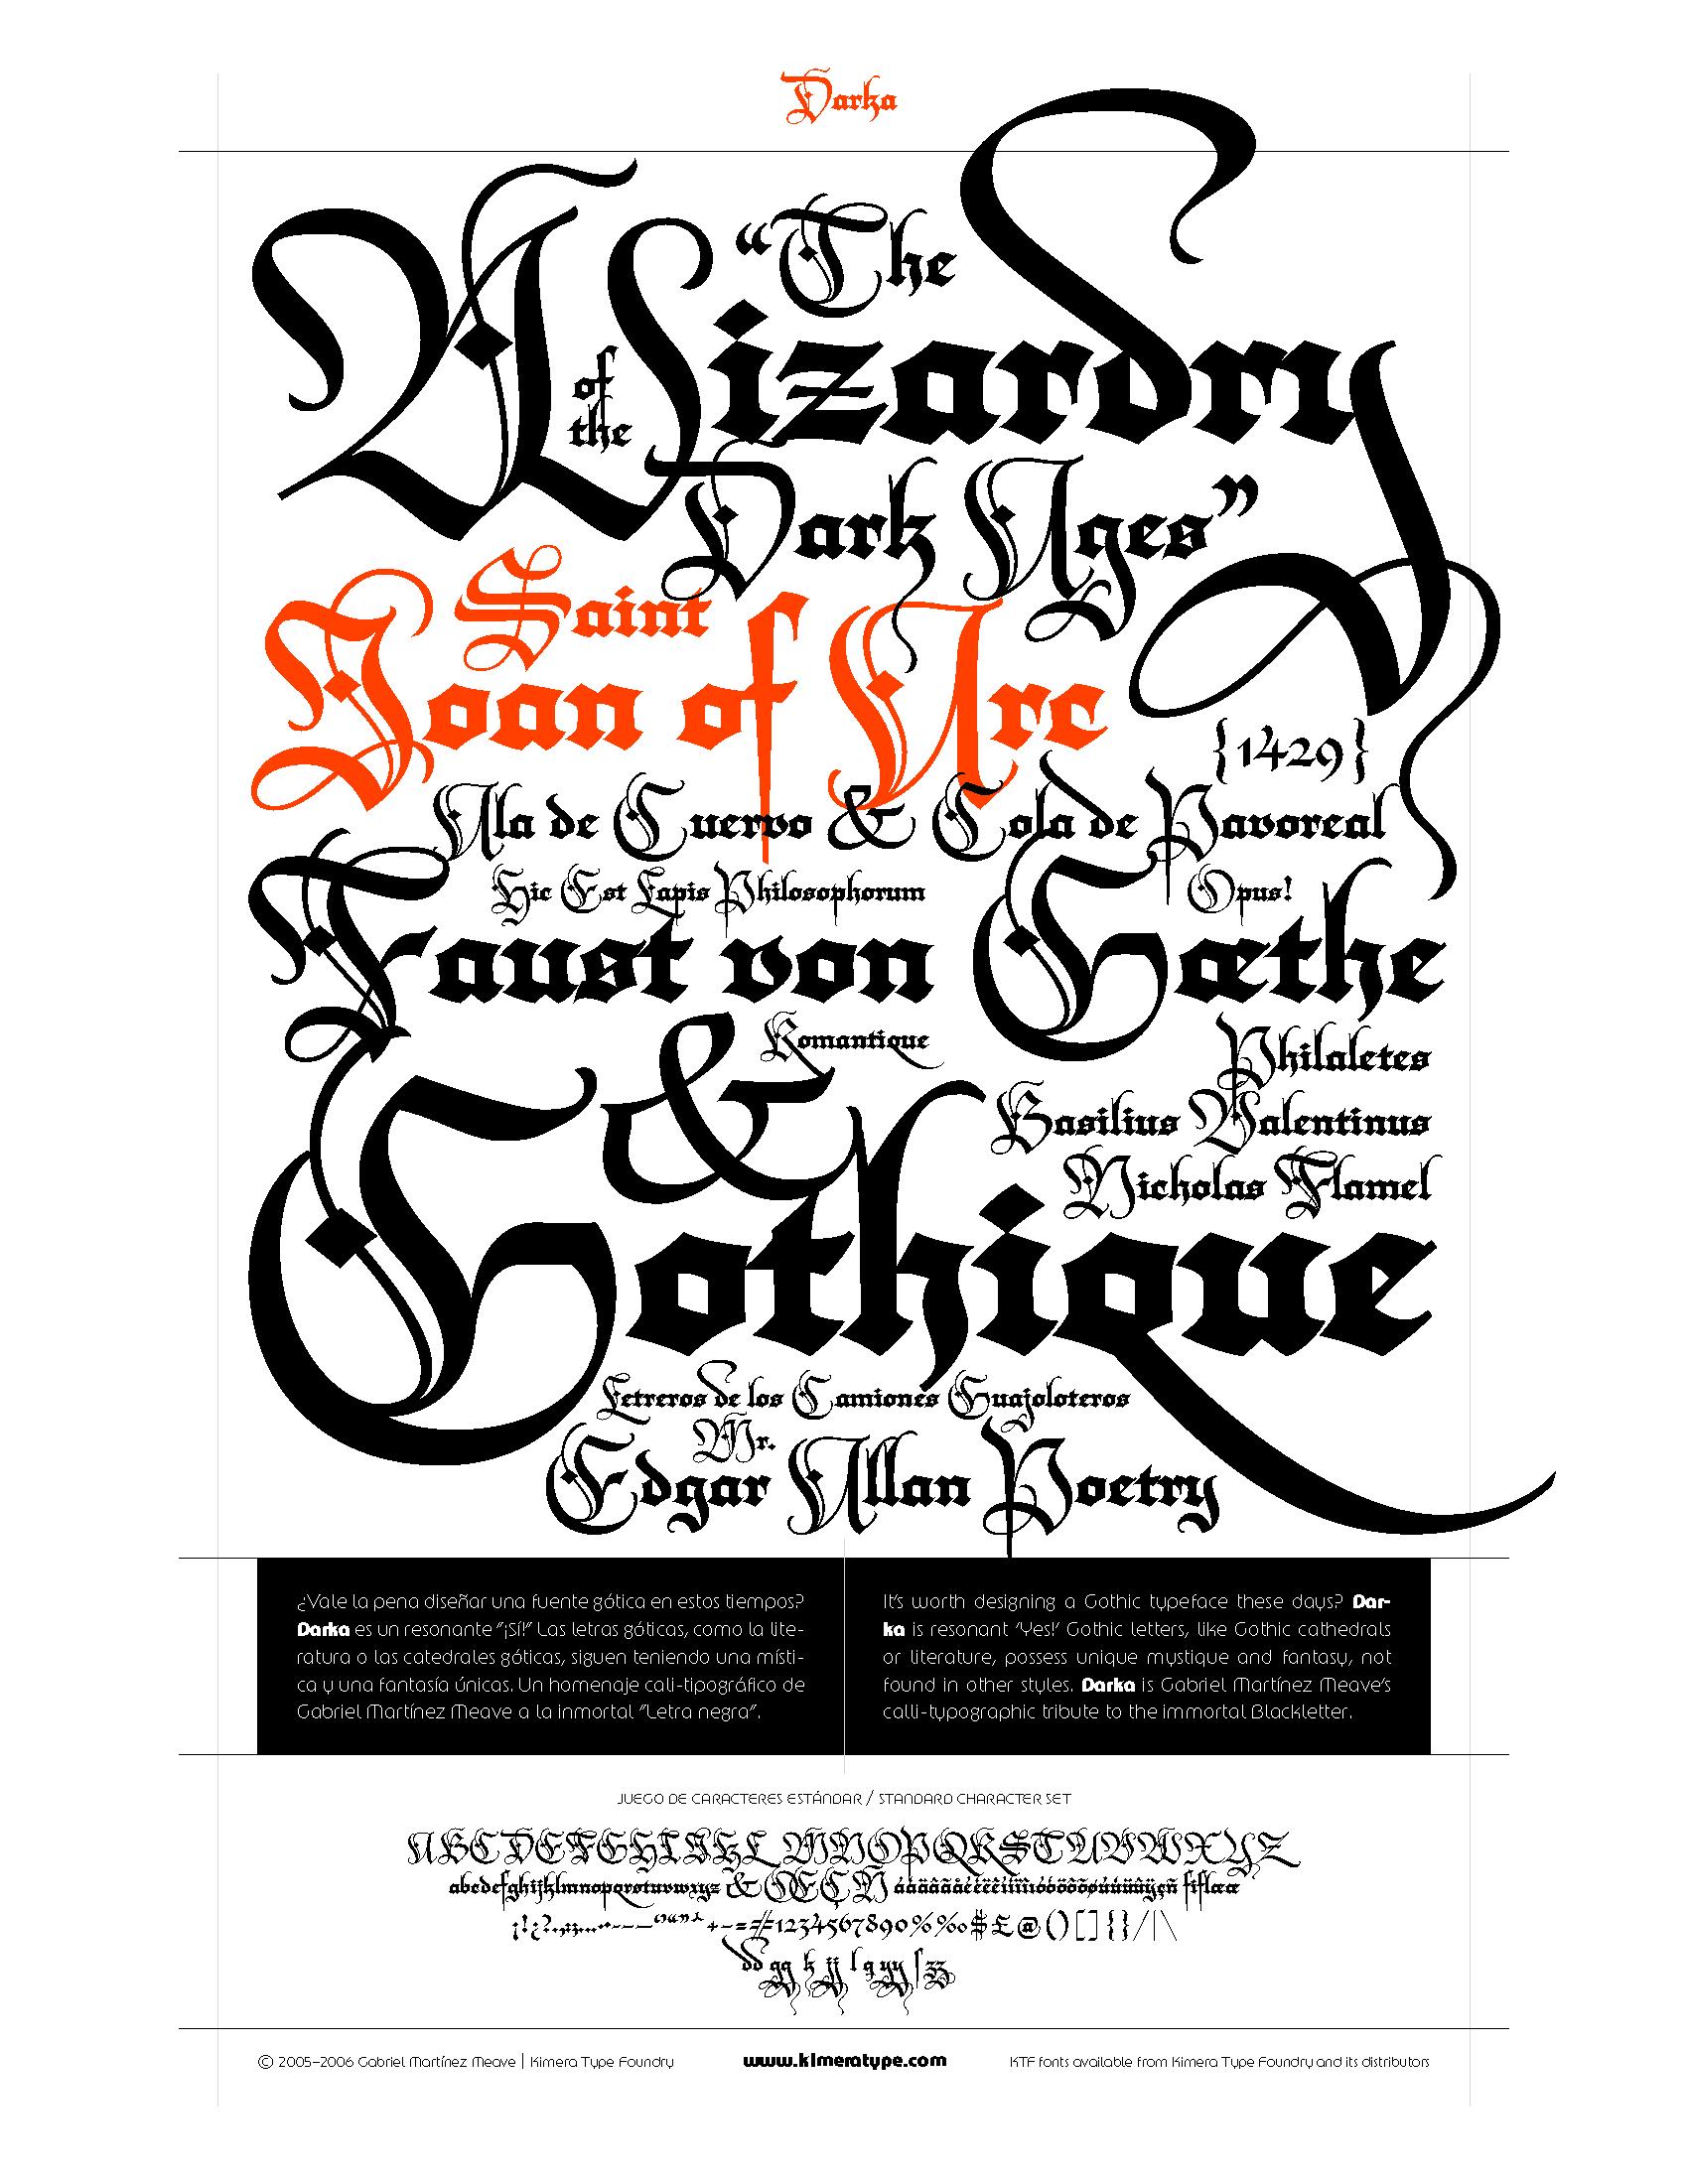 fotos de tatuajes en letras goticas. Las letras góticas son un elemento muy importante y endemico en la cultura